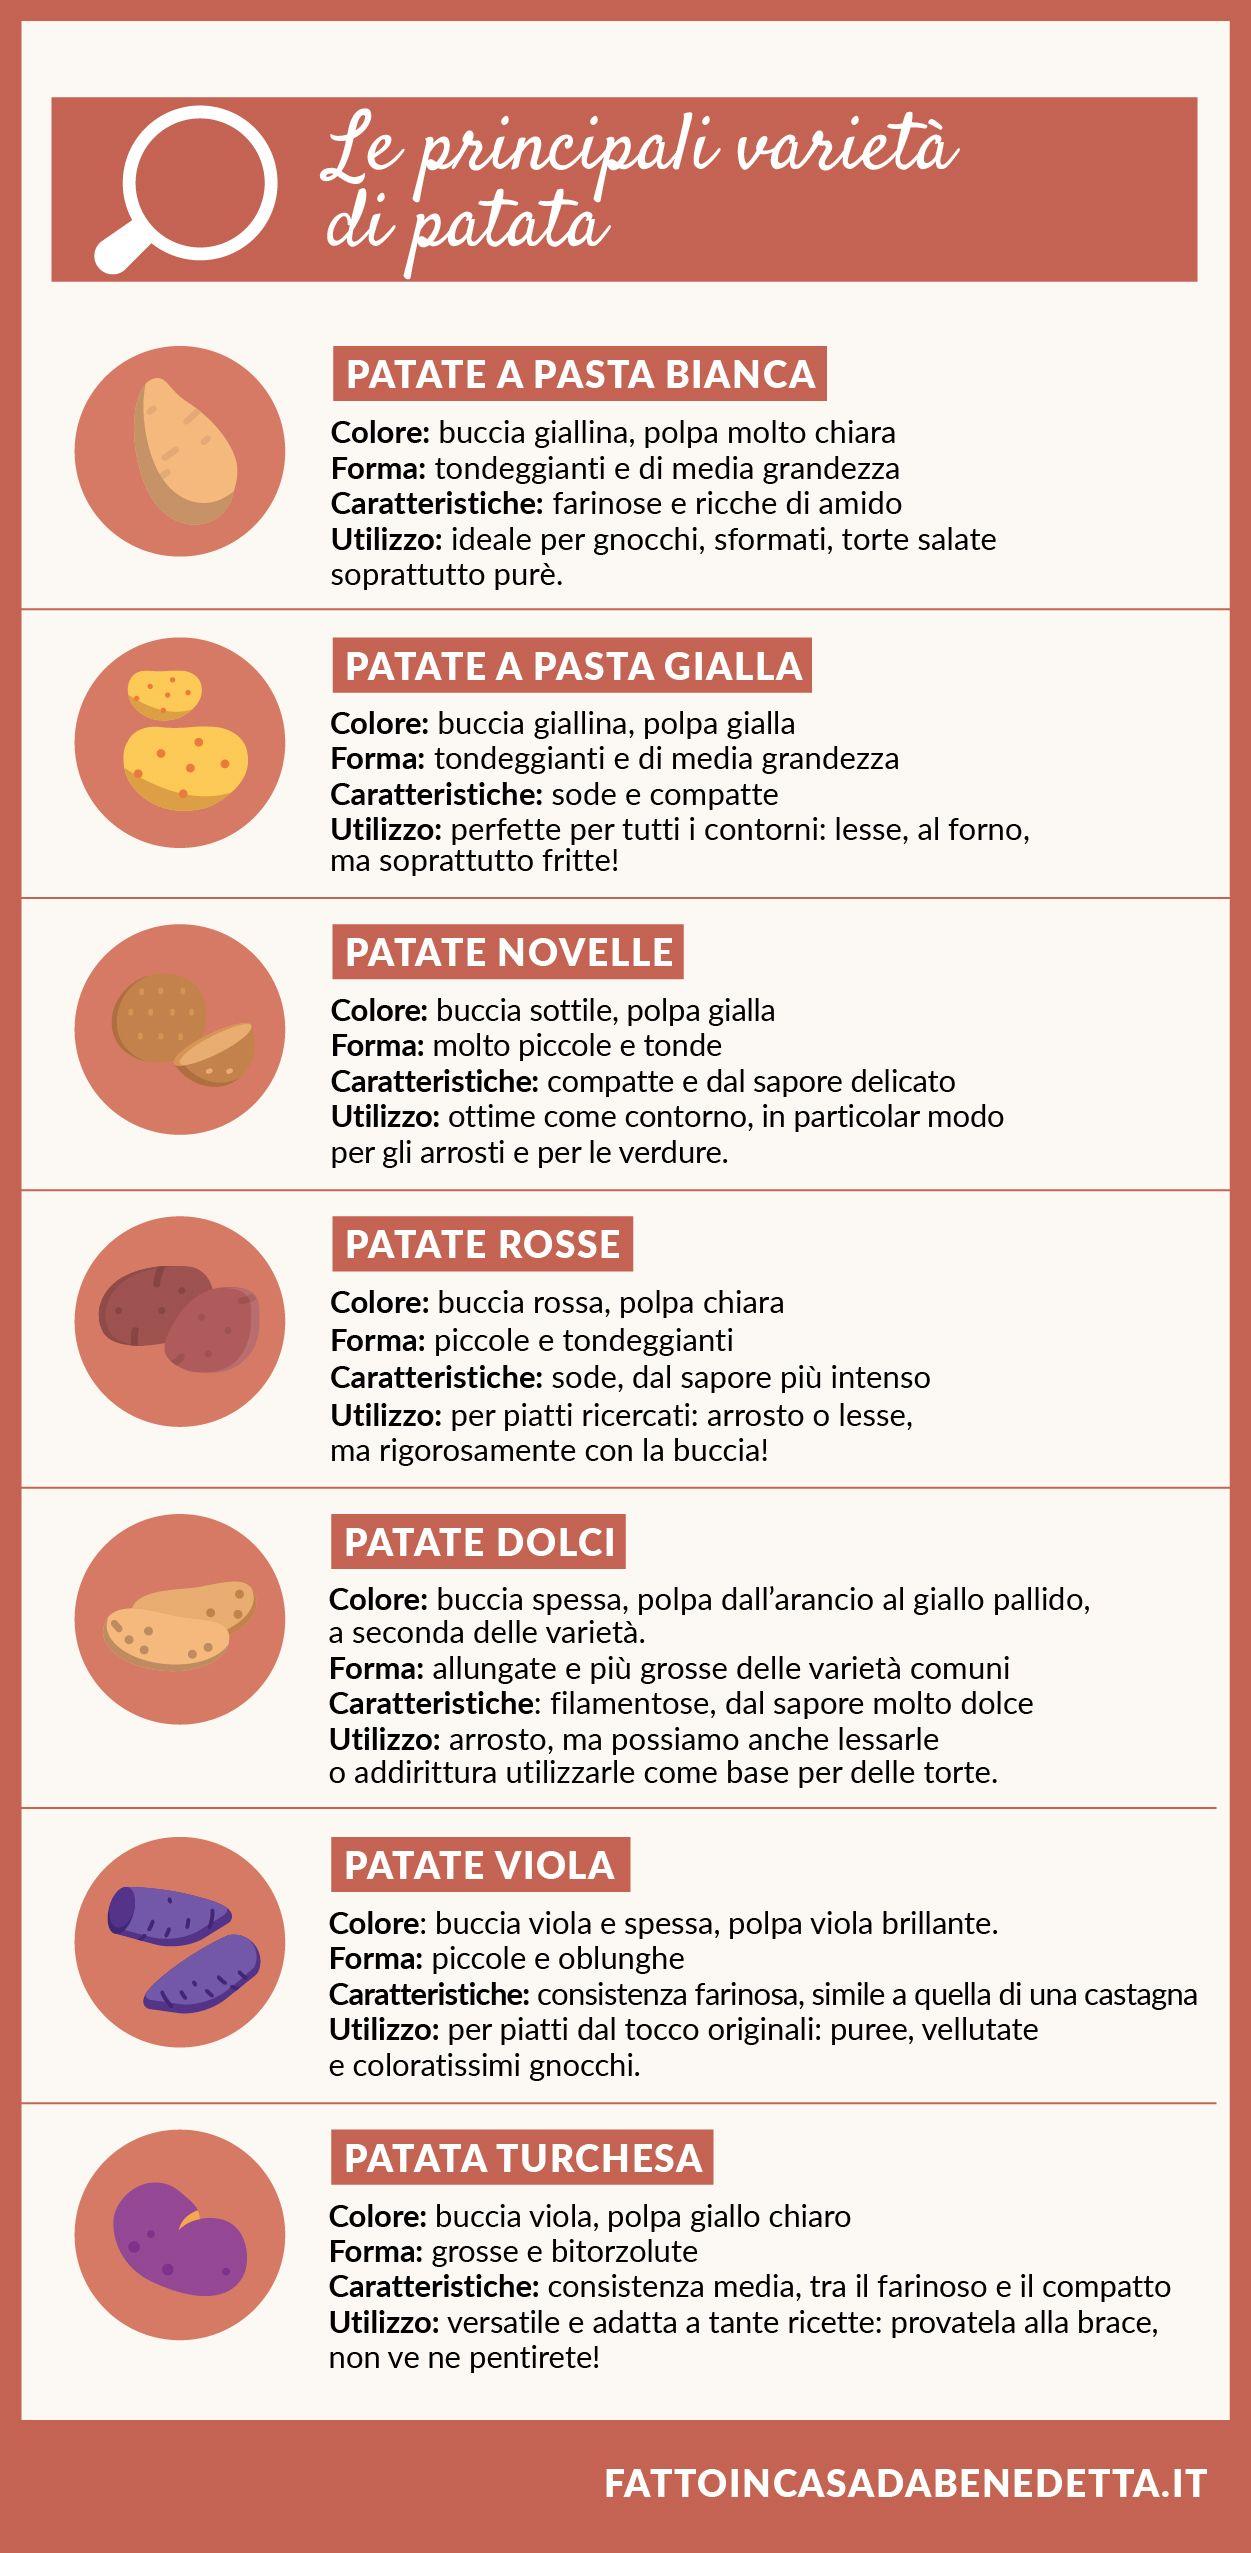 Delicato Colore Viola Pallido le principali varieta' di patata | patate, ricette e patate